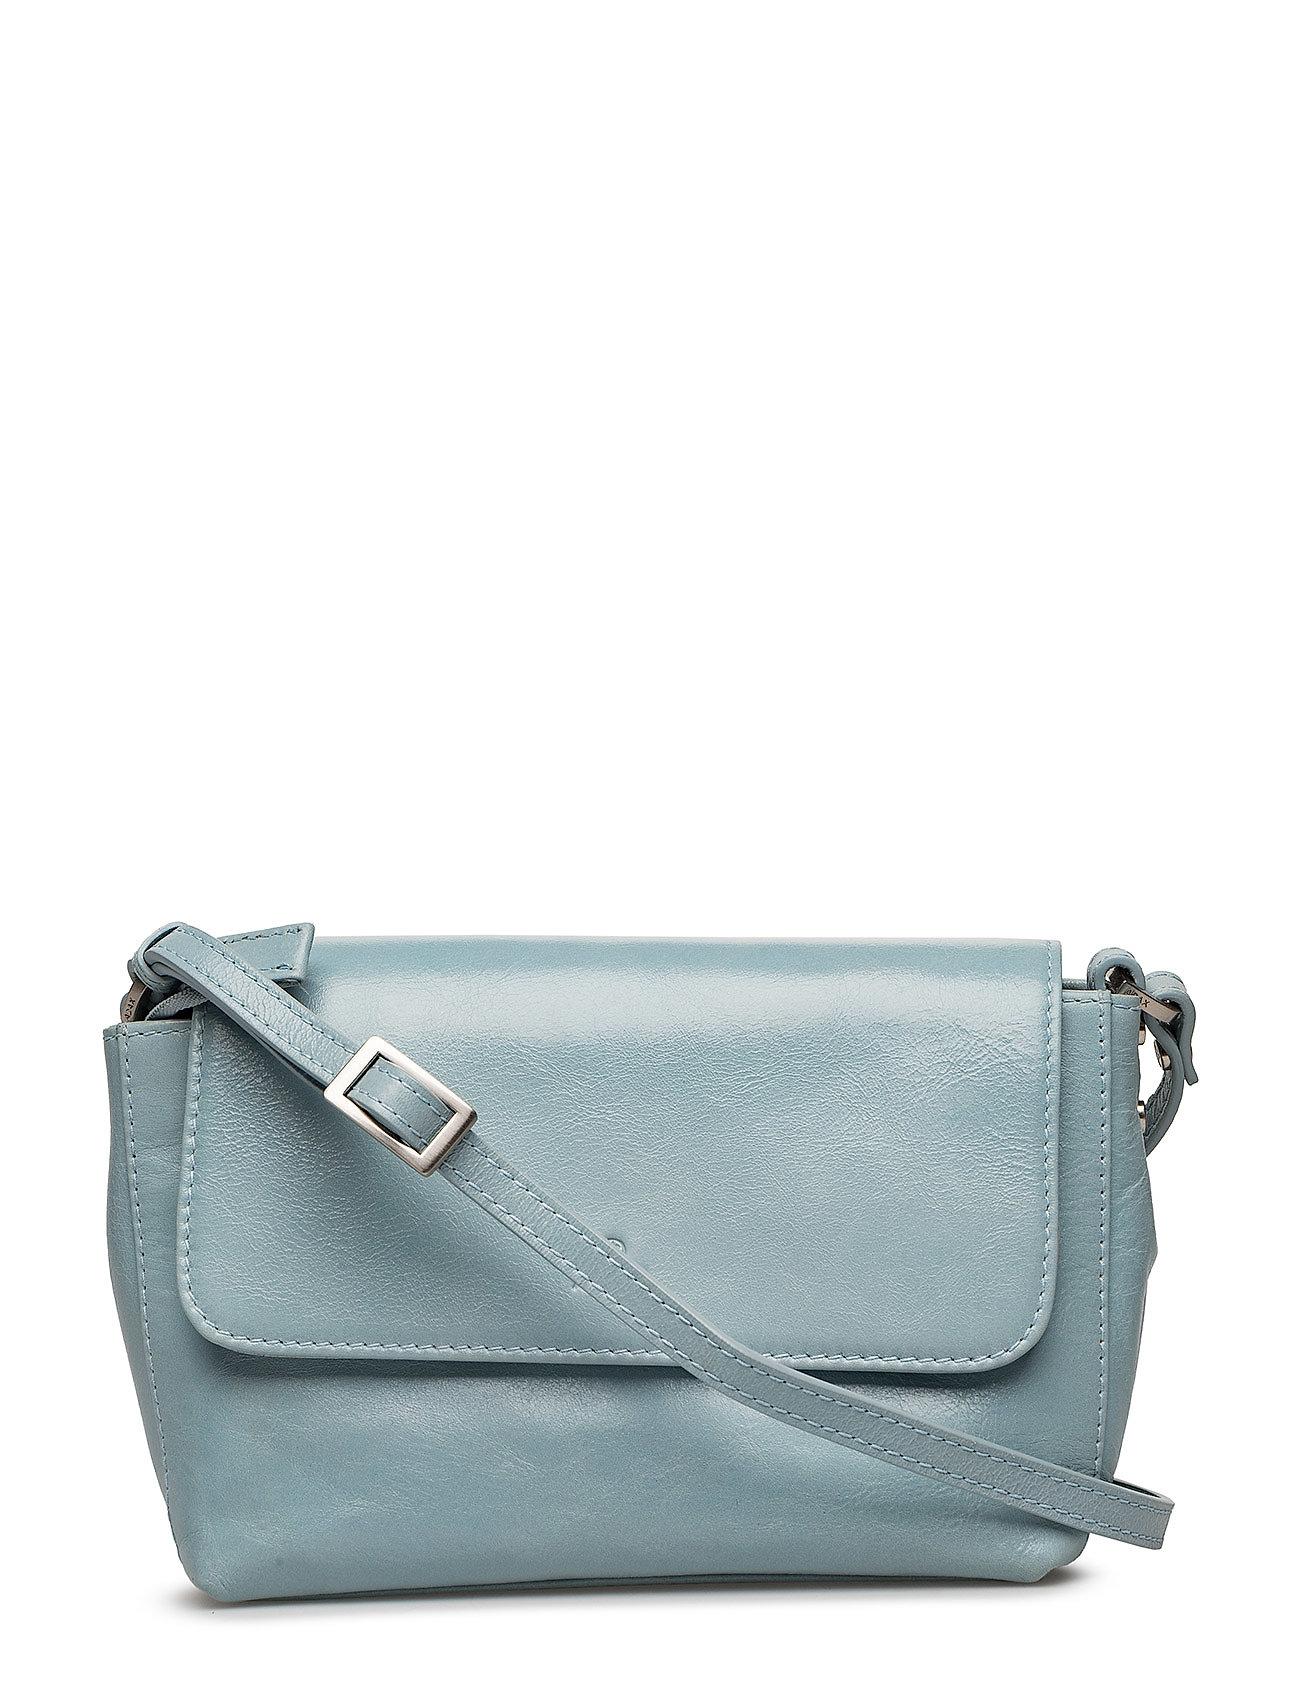 Salerno Shoulder Bag June - Adax